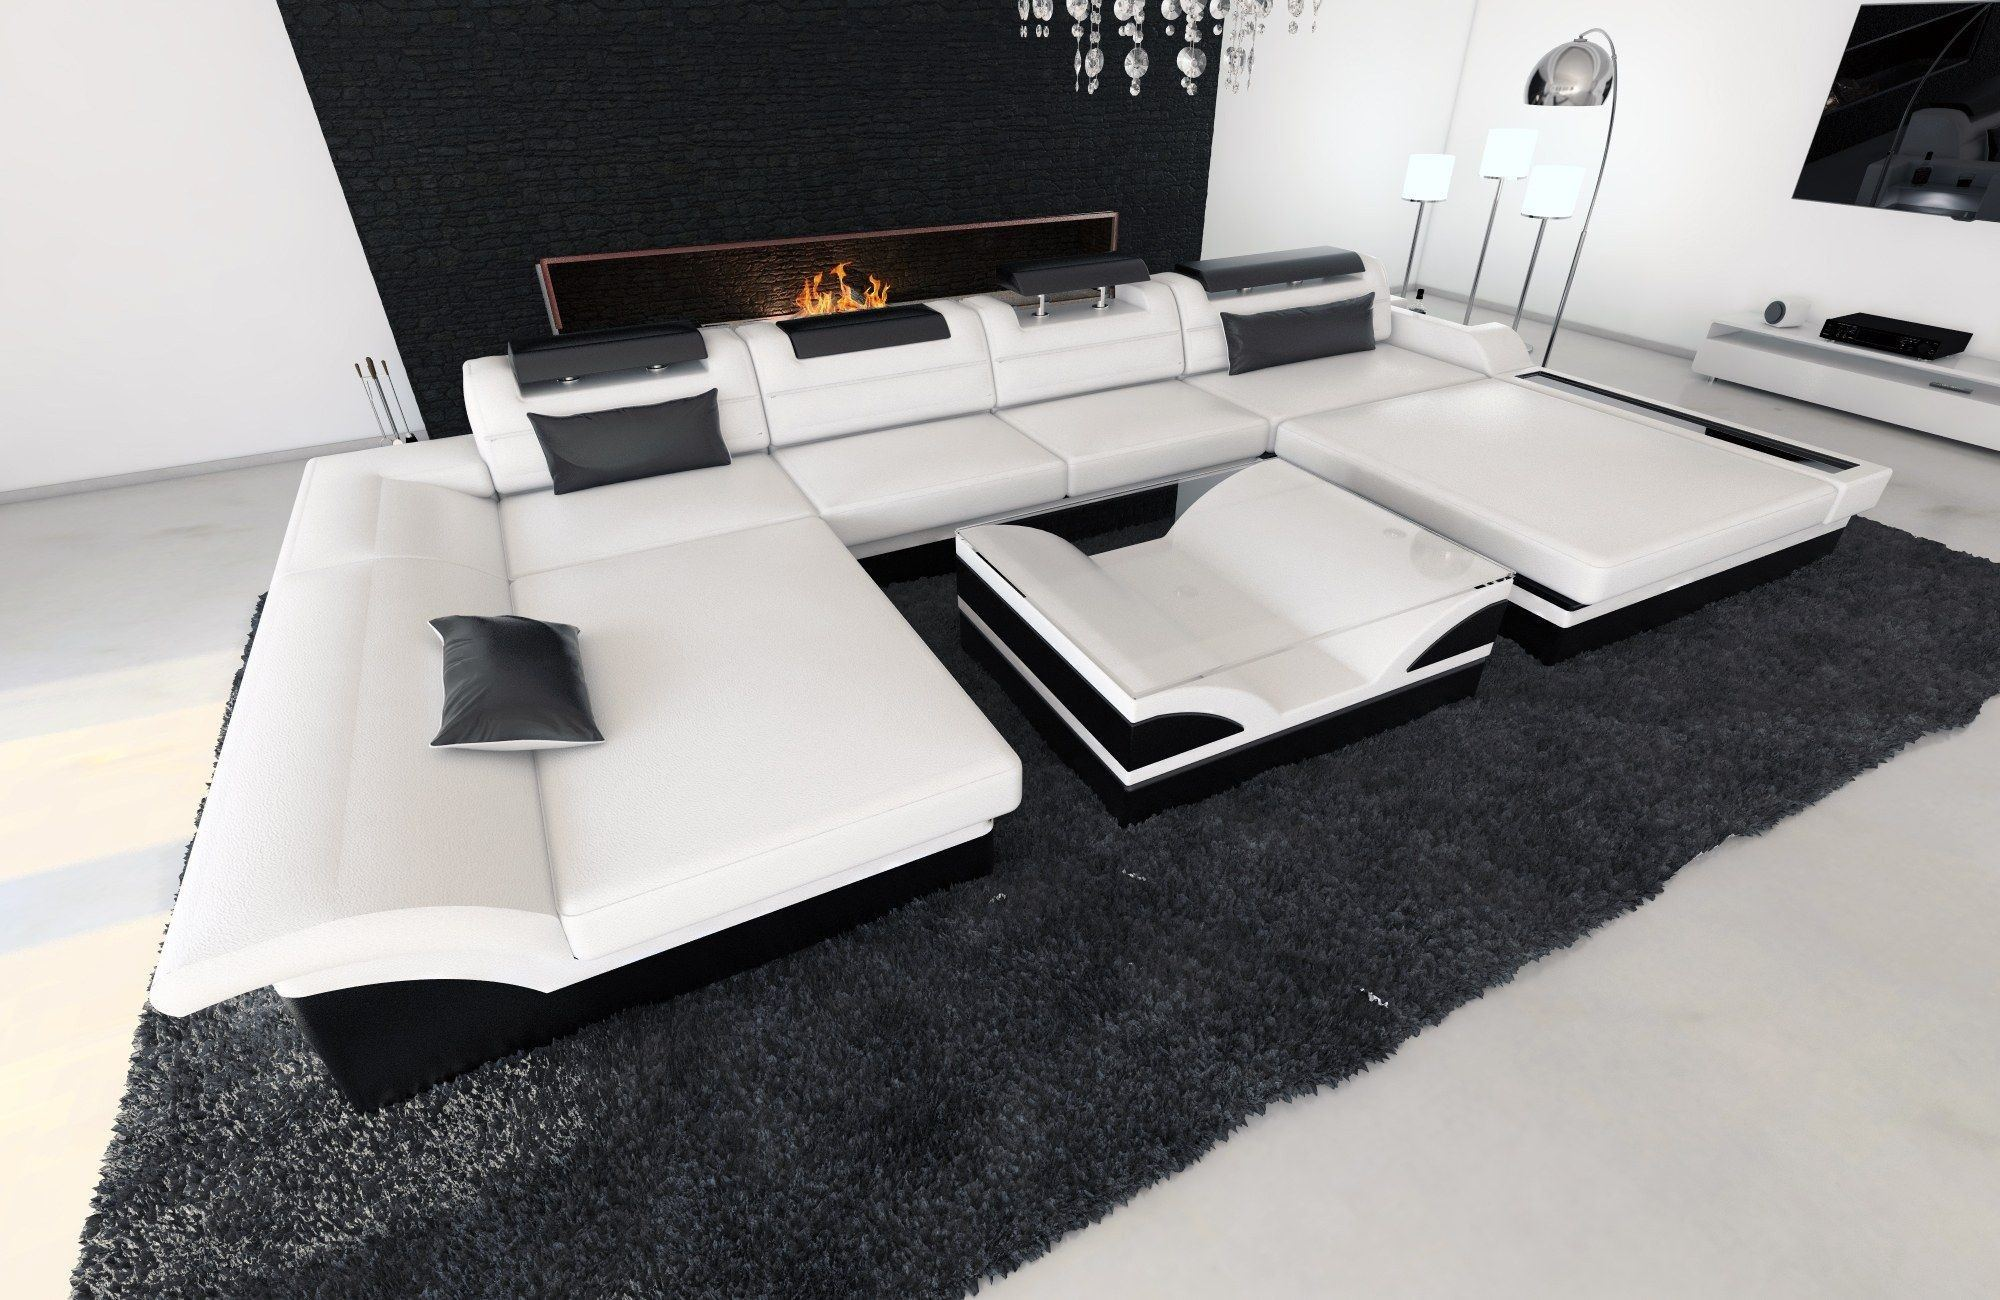 Leder Wohnlandschaft Monza U In Weiß Schwarz Sofa Mit Kopfstützen